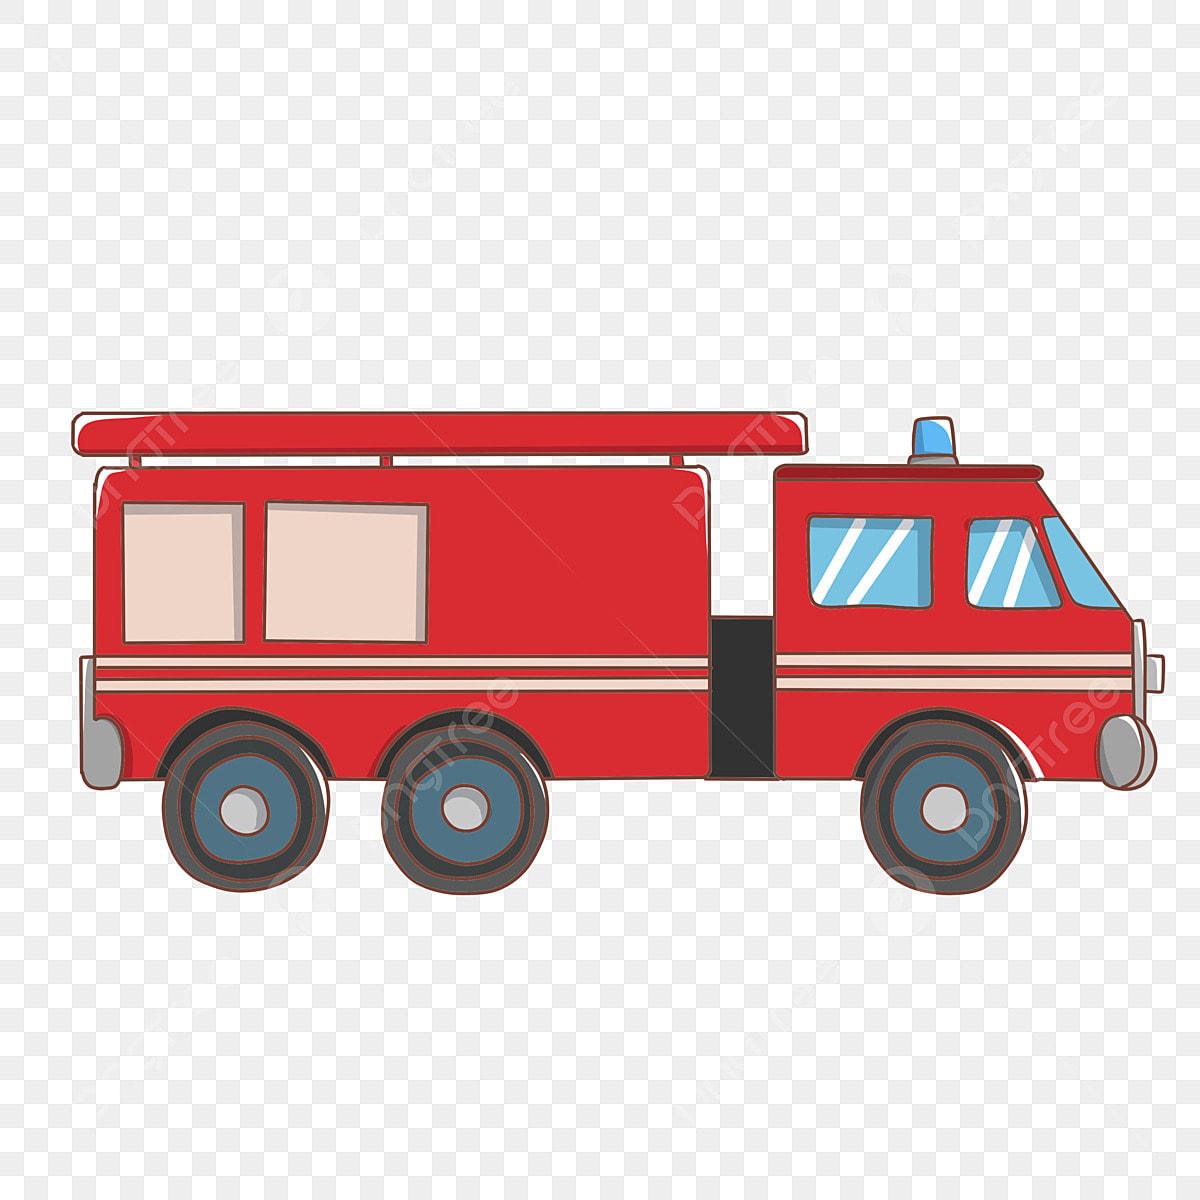 حريق سيارة حمراء كرتون مرسومة باليد عربة إطفاء أداة مكافحة الحرائق شاحنة نقل سيارة حمراء سيارة Png وملف Psd للتحميل مجانا